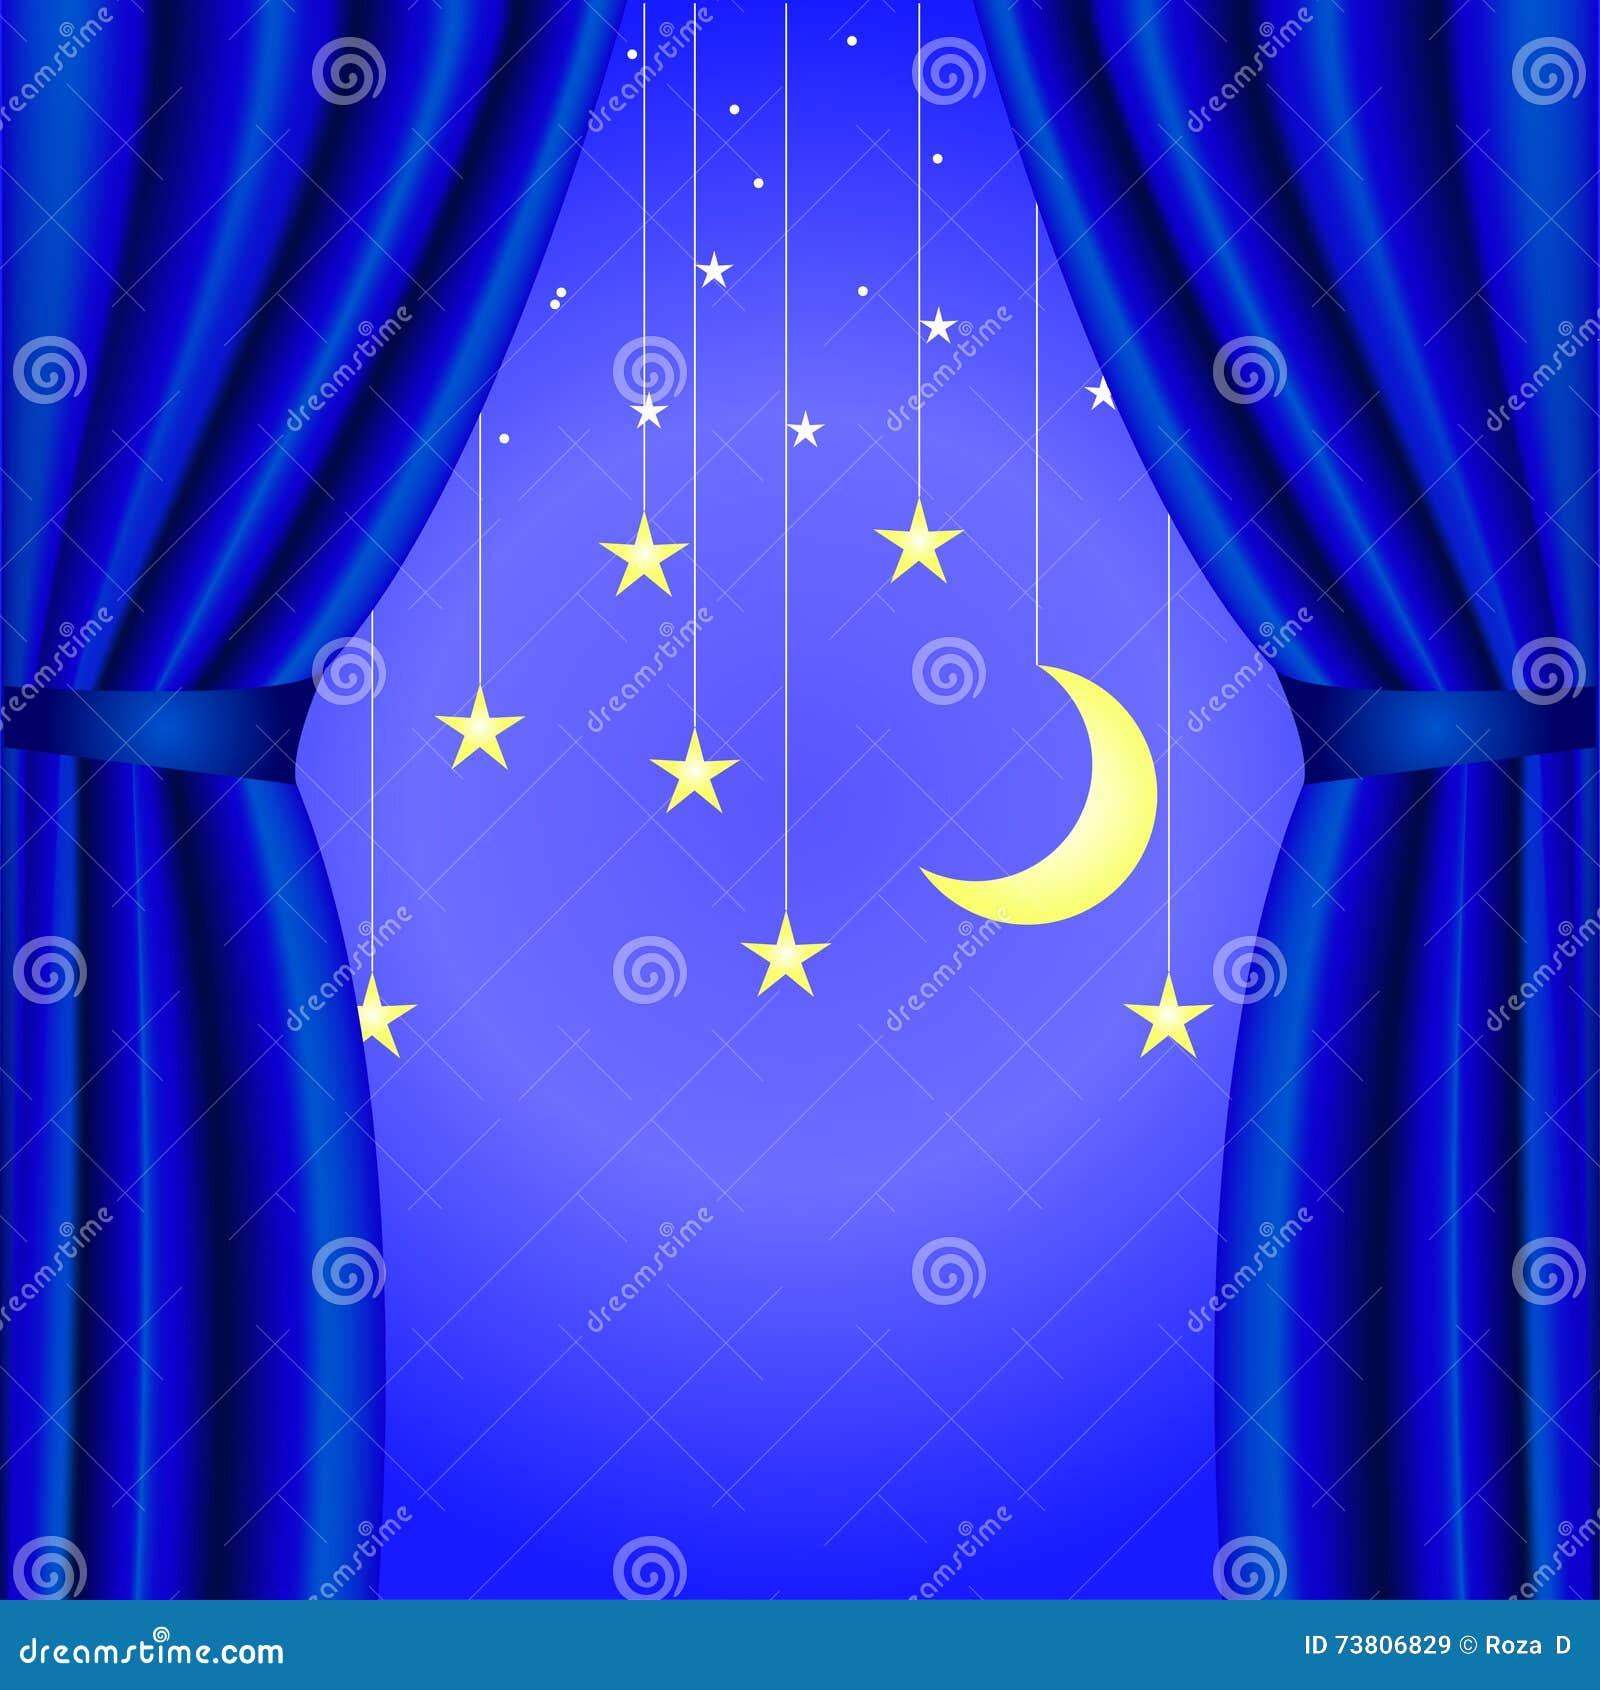 conceptuele achtergrond met blauw gordijn open met een toenemende maan en sterren